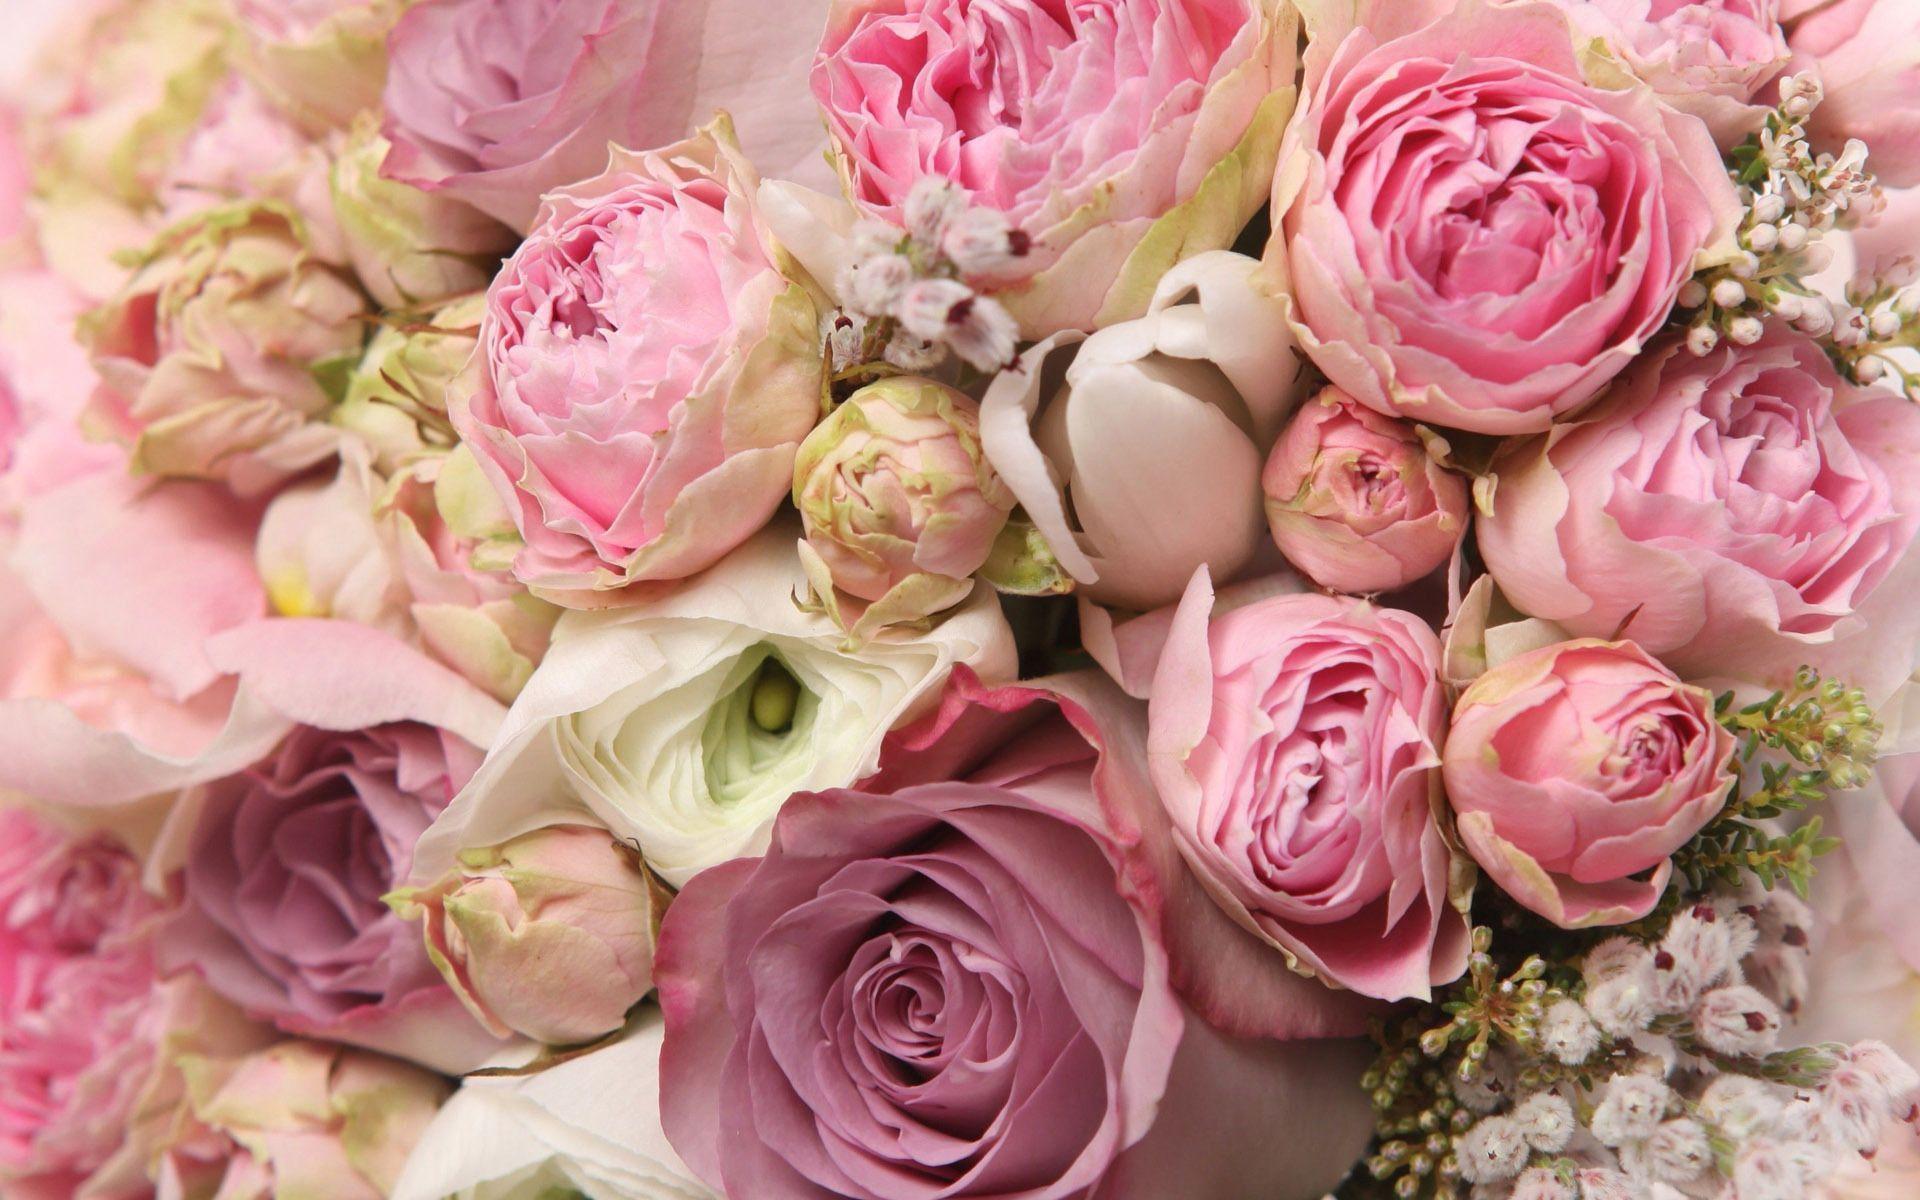 Изумительные розовые и алые розы на